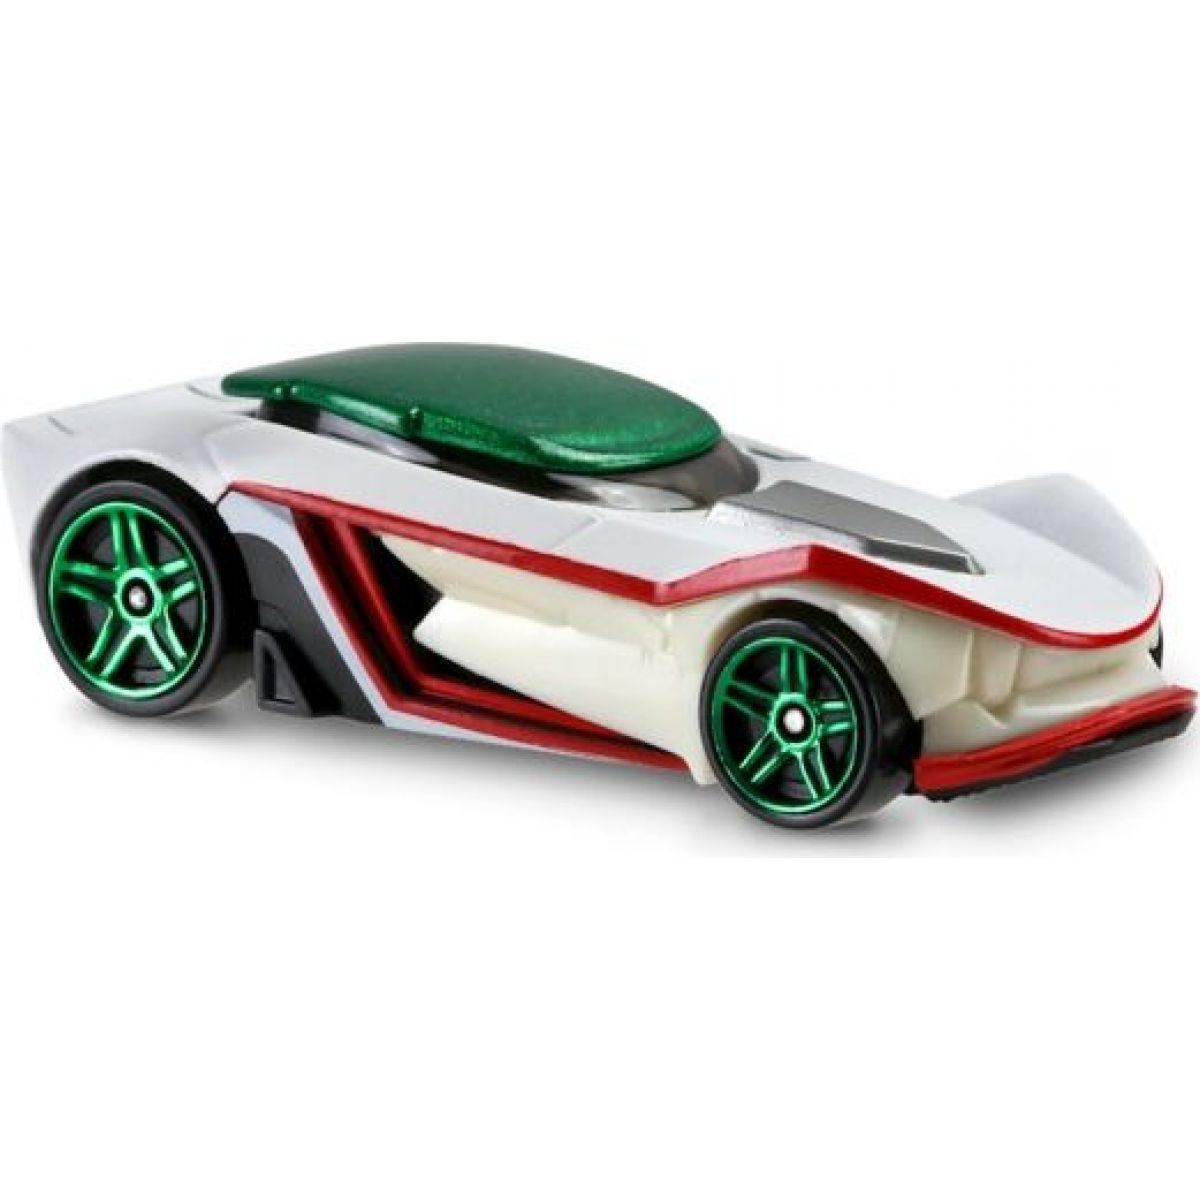 Hot Wheels DC kultovní angličák The Joker GT